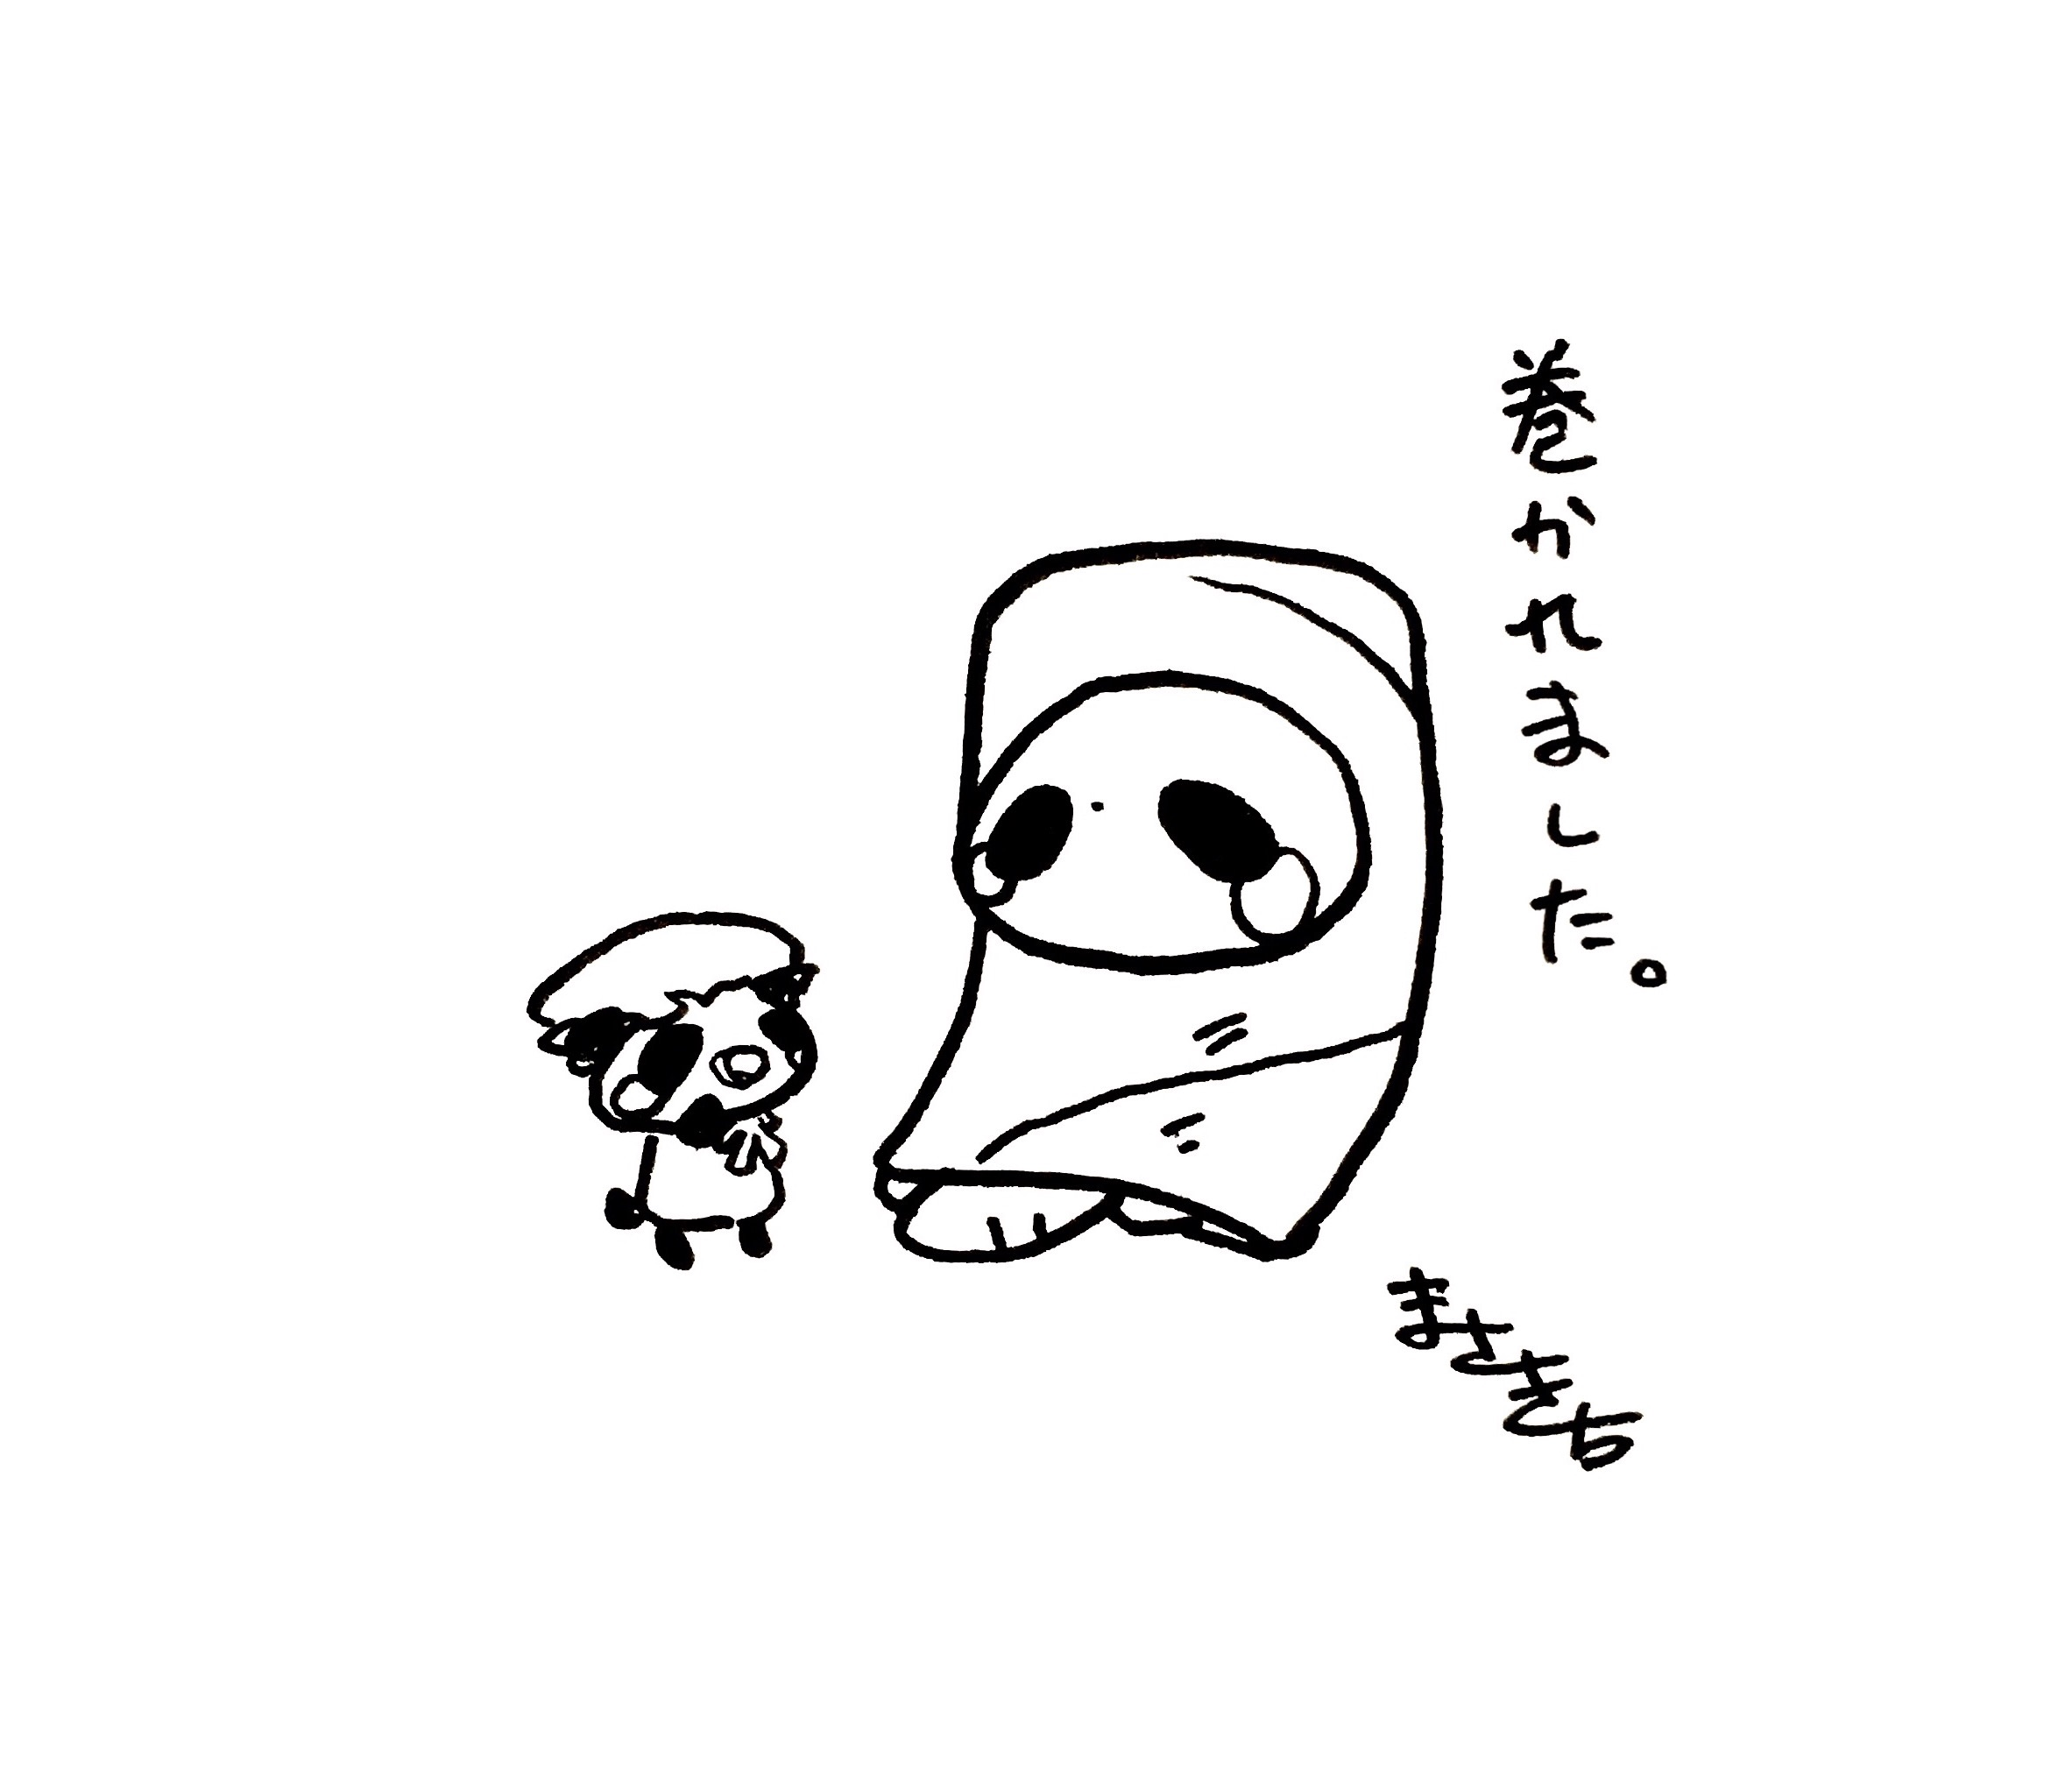 f:id:miyamasaki:20171001032259j:image